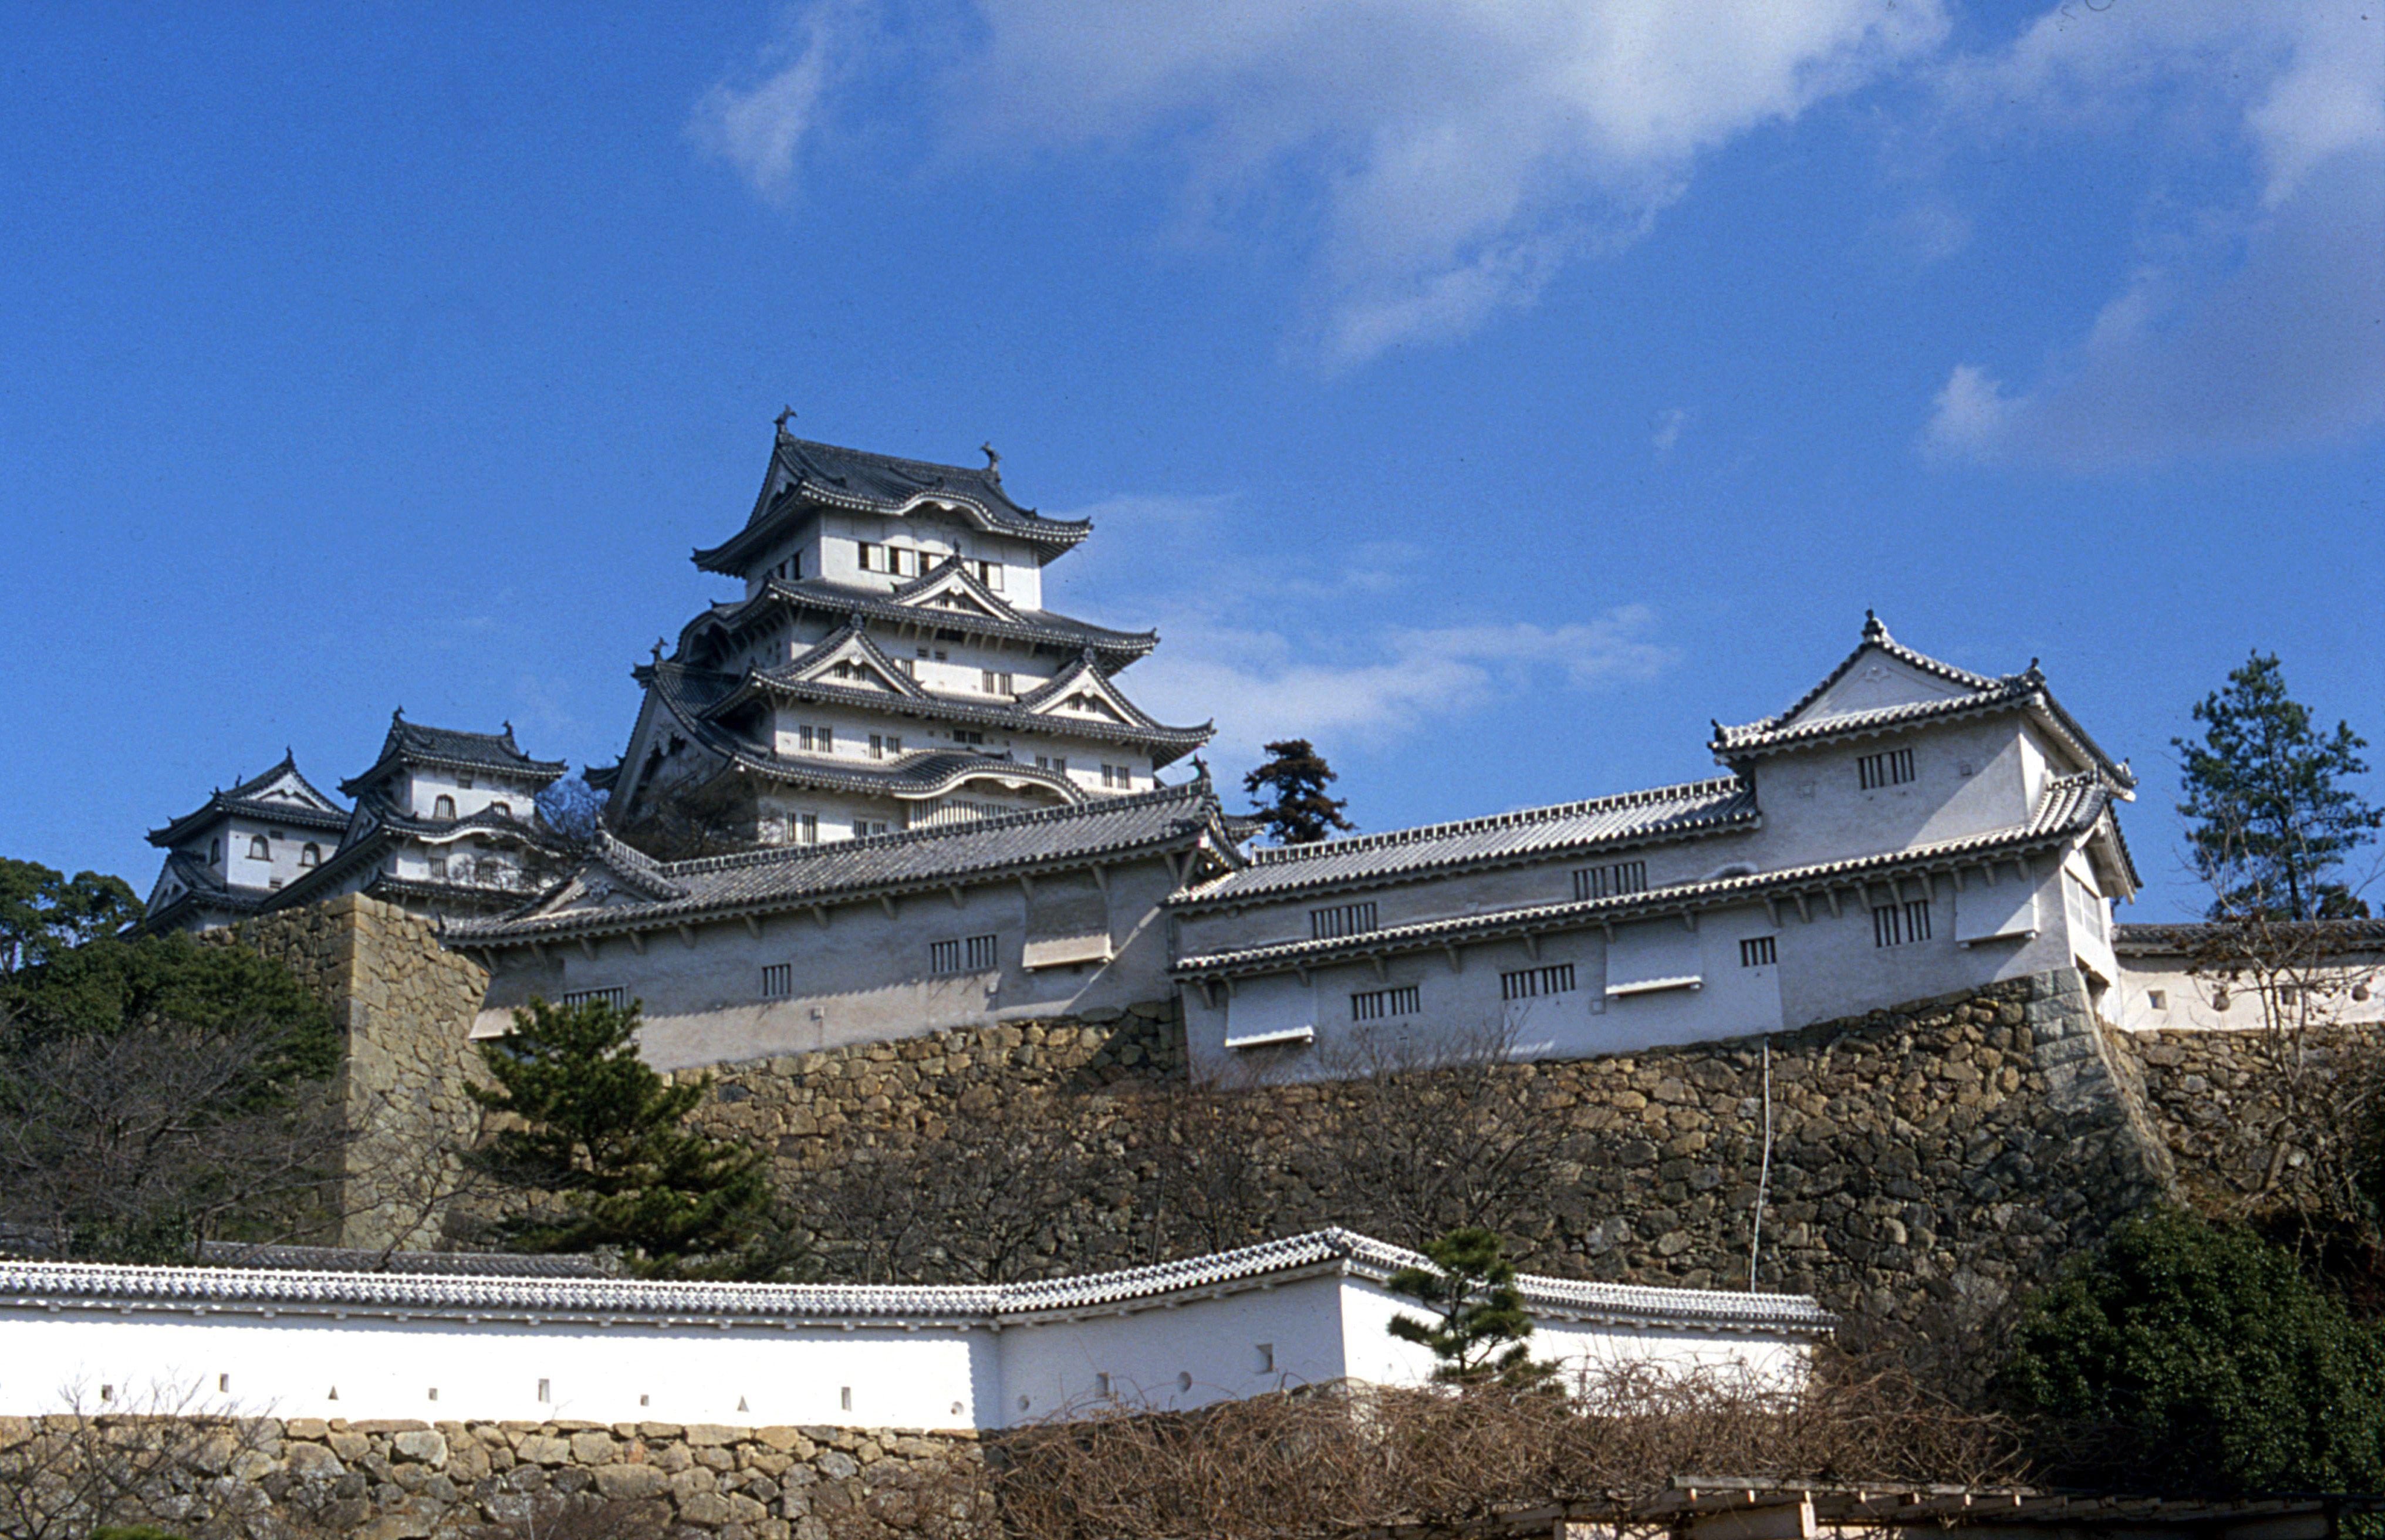 El imponente castillo de Himeji en Hyogo tiene una historia tan magnífica y una conservación tan exitosa que figura en la Lista del Patrimonio Mundial de la UNESCO